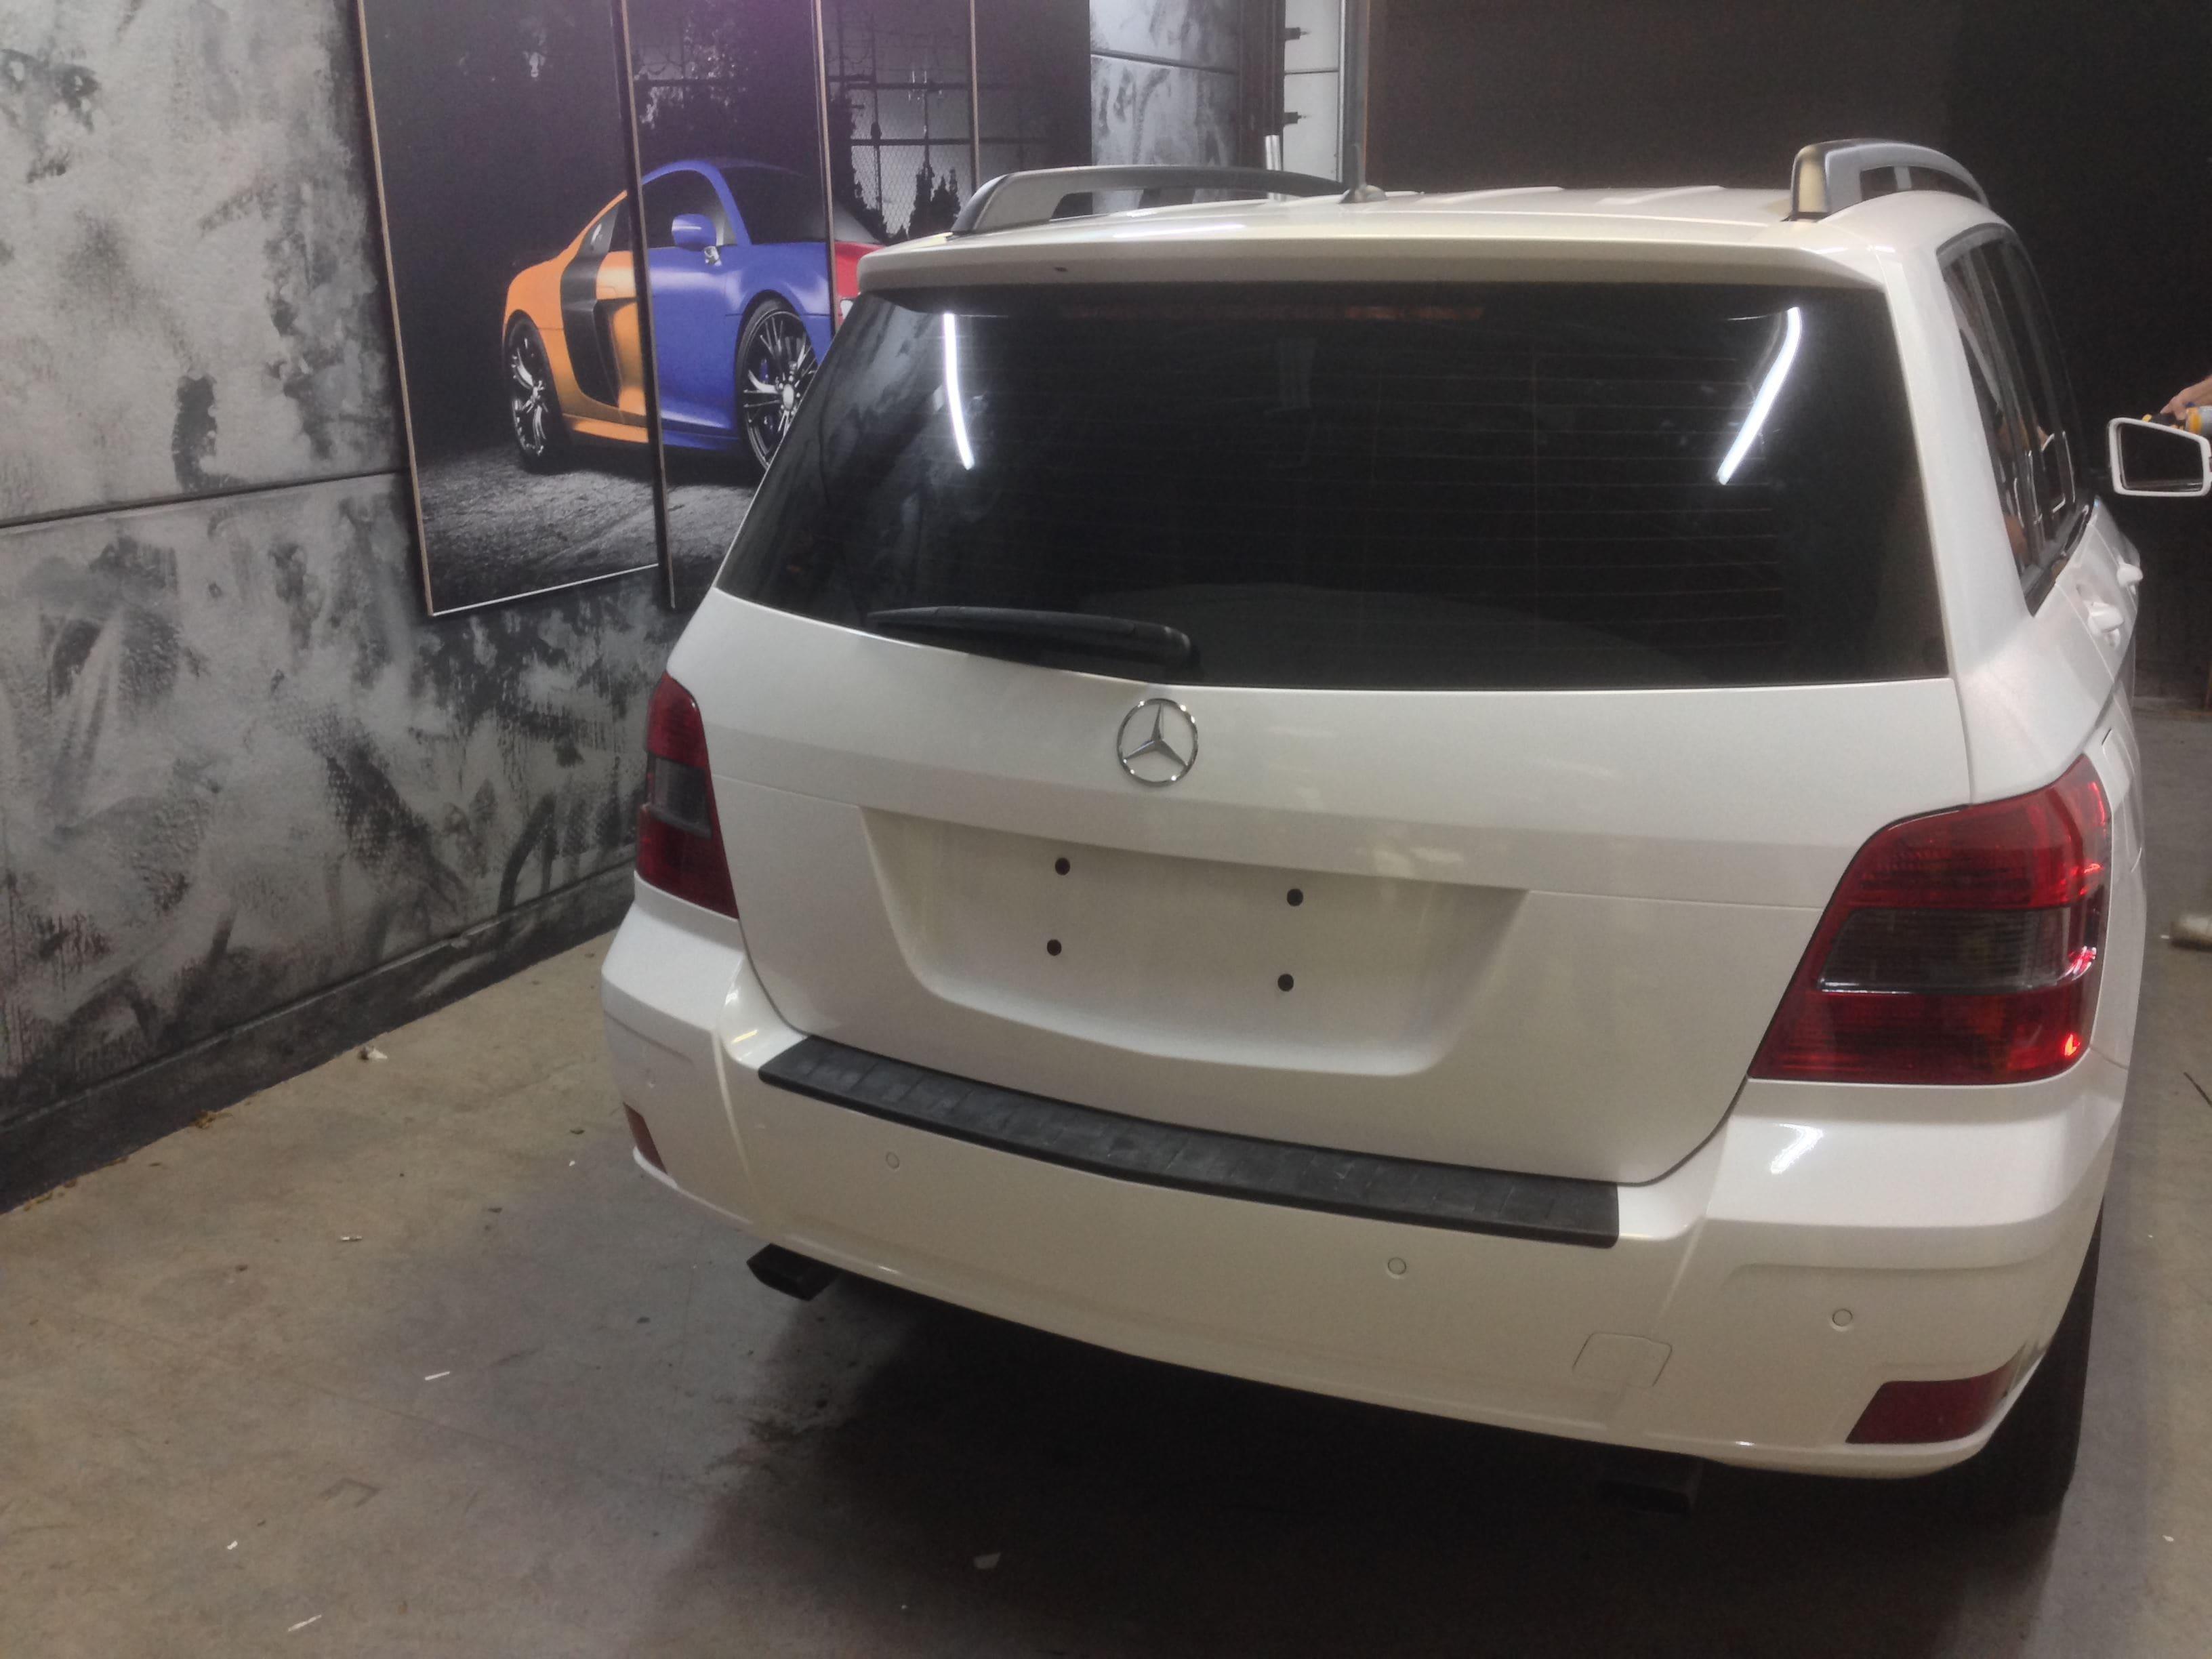 Mercedes GLK met Glossy White Wrap, Carwrapping door Wrapmyride.nu Foto-nr:6306, ©2020